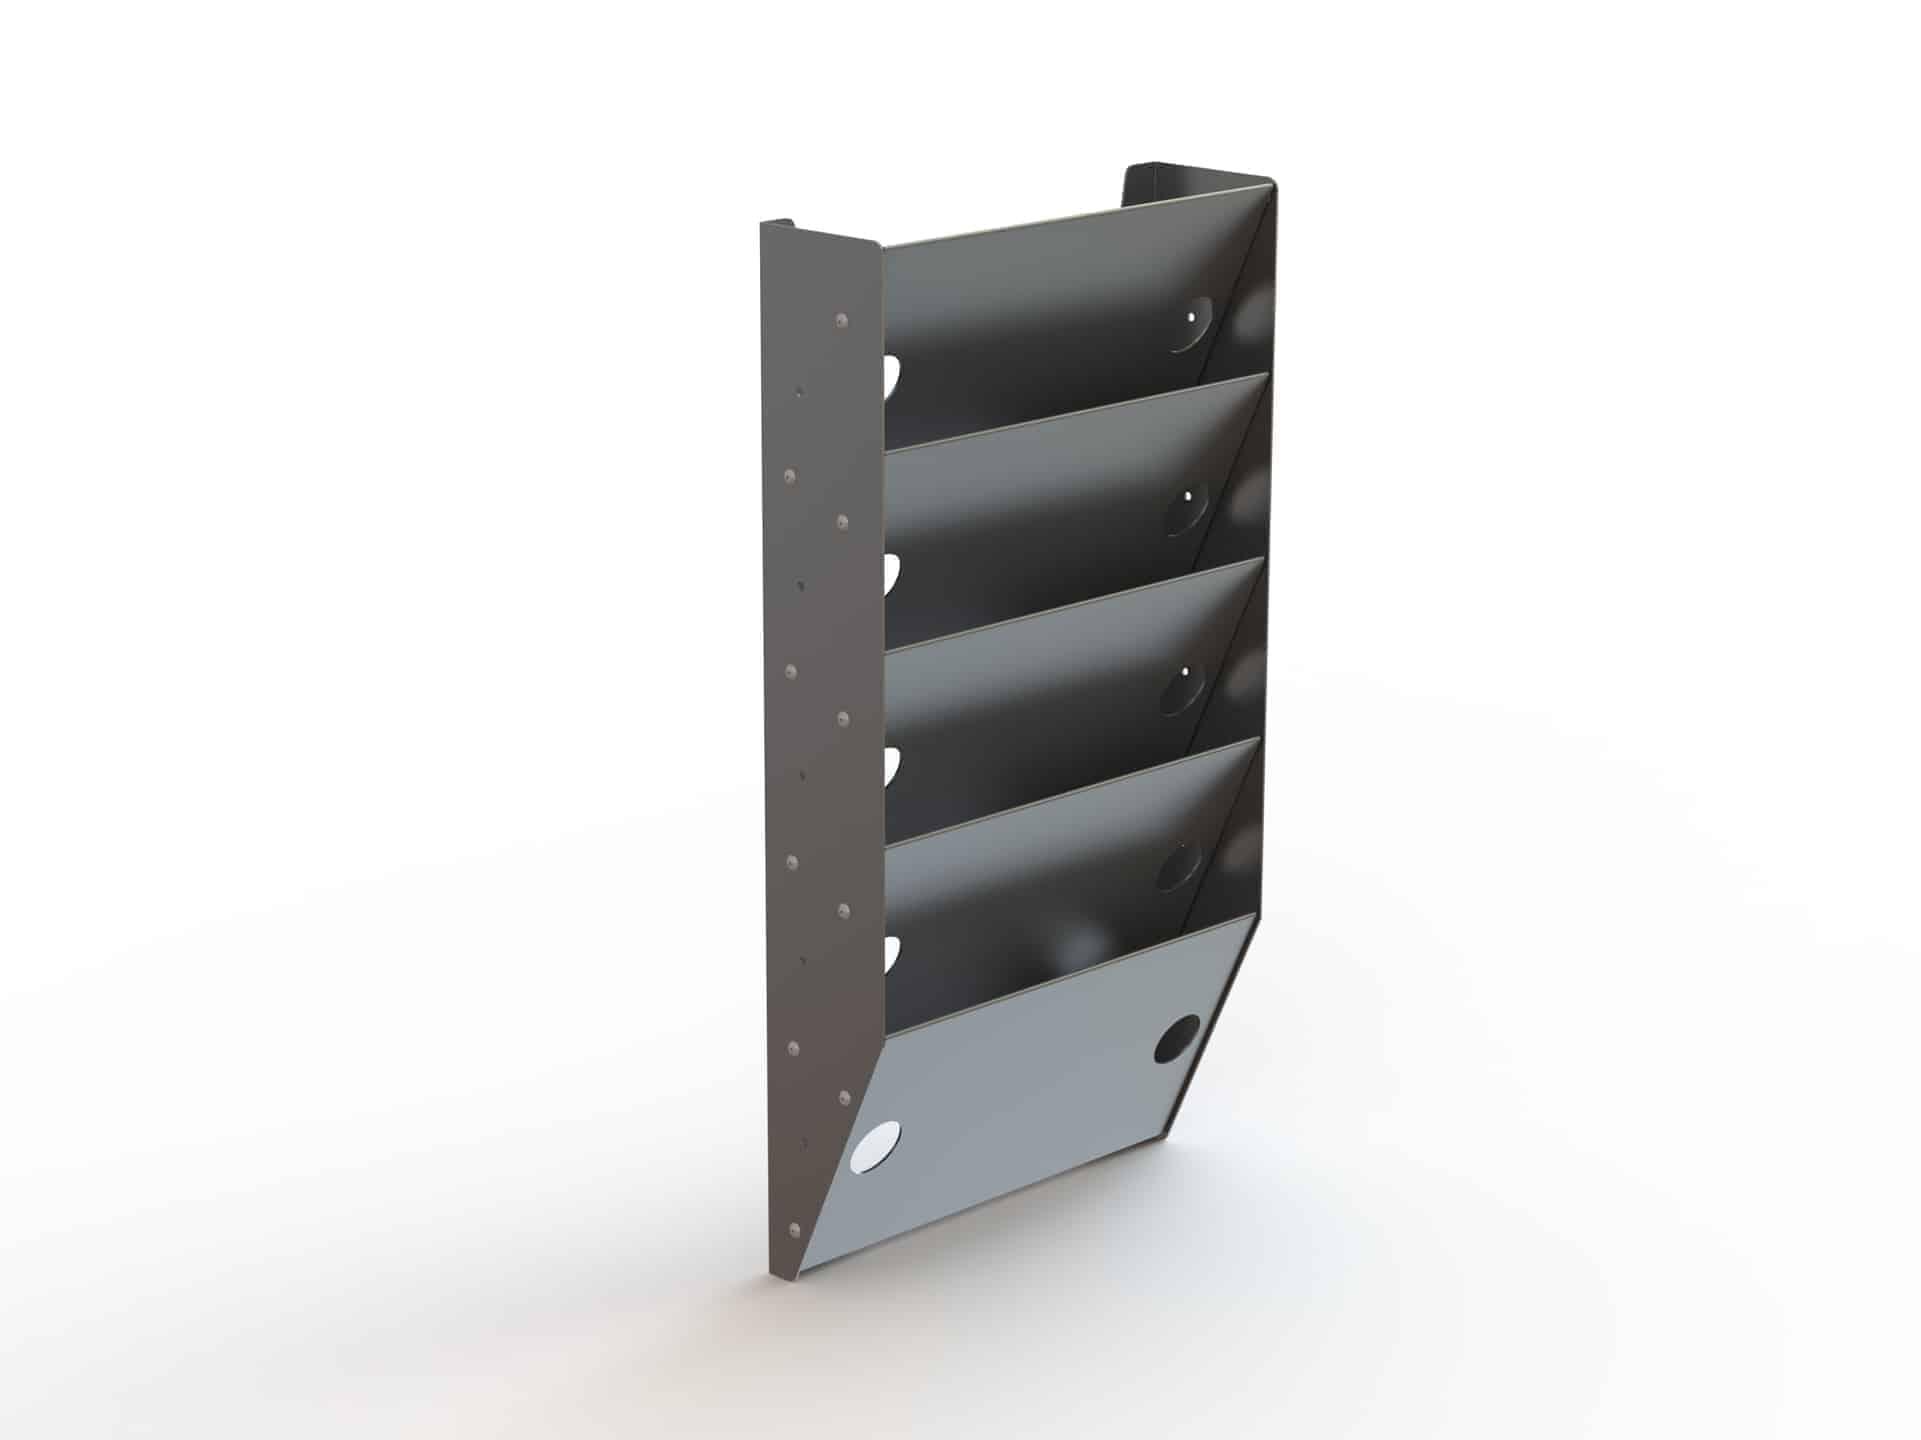 5 Slot Paper Holder Cargo Van Accessory - Ranger Design